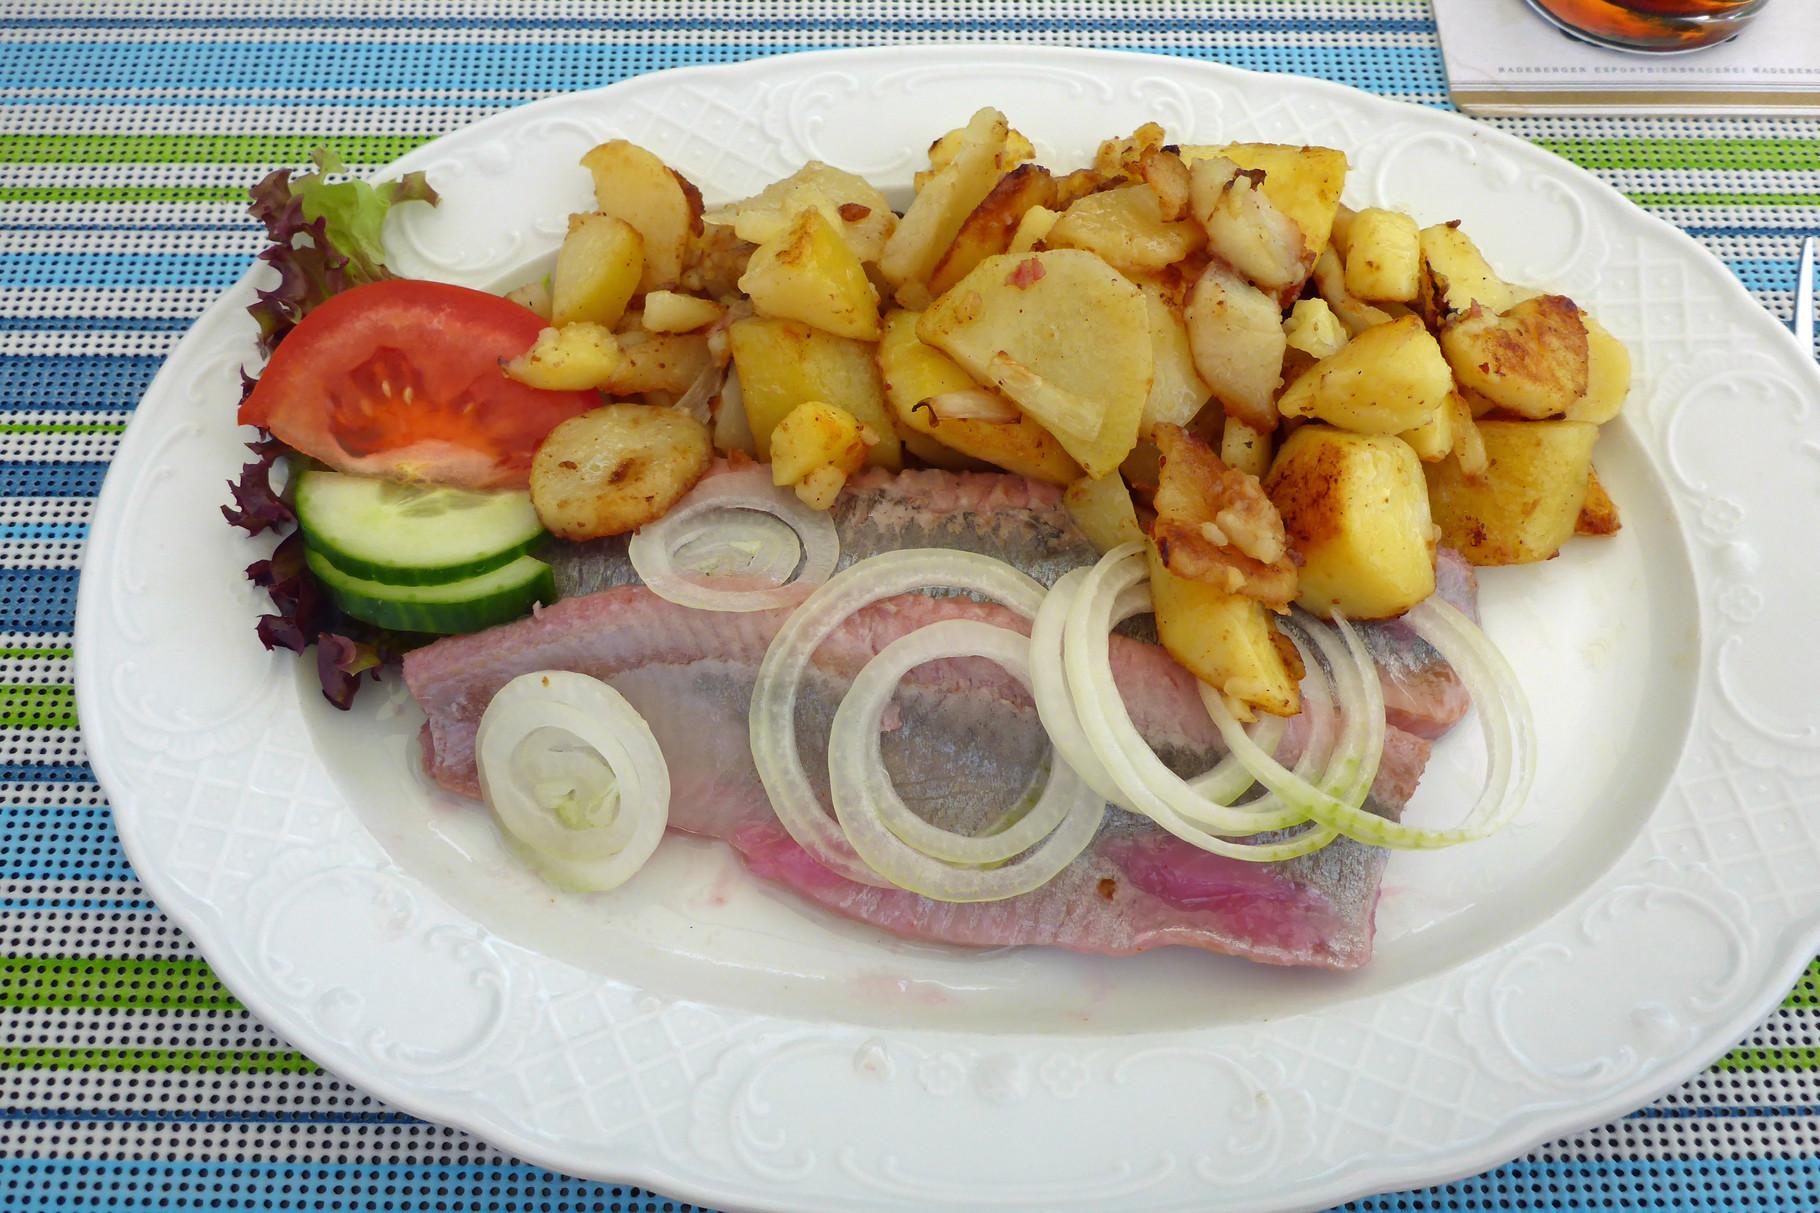 Leckeres Essen in Hütte.